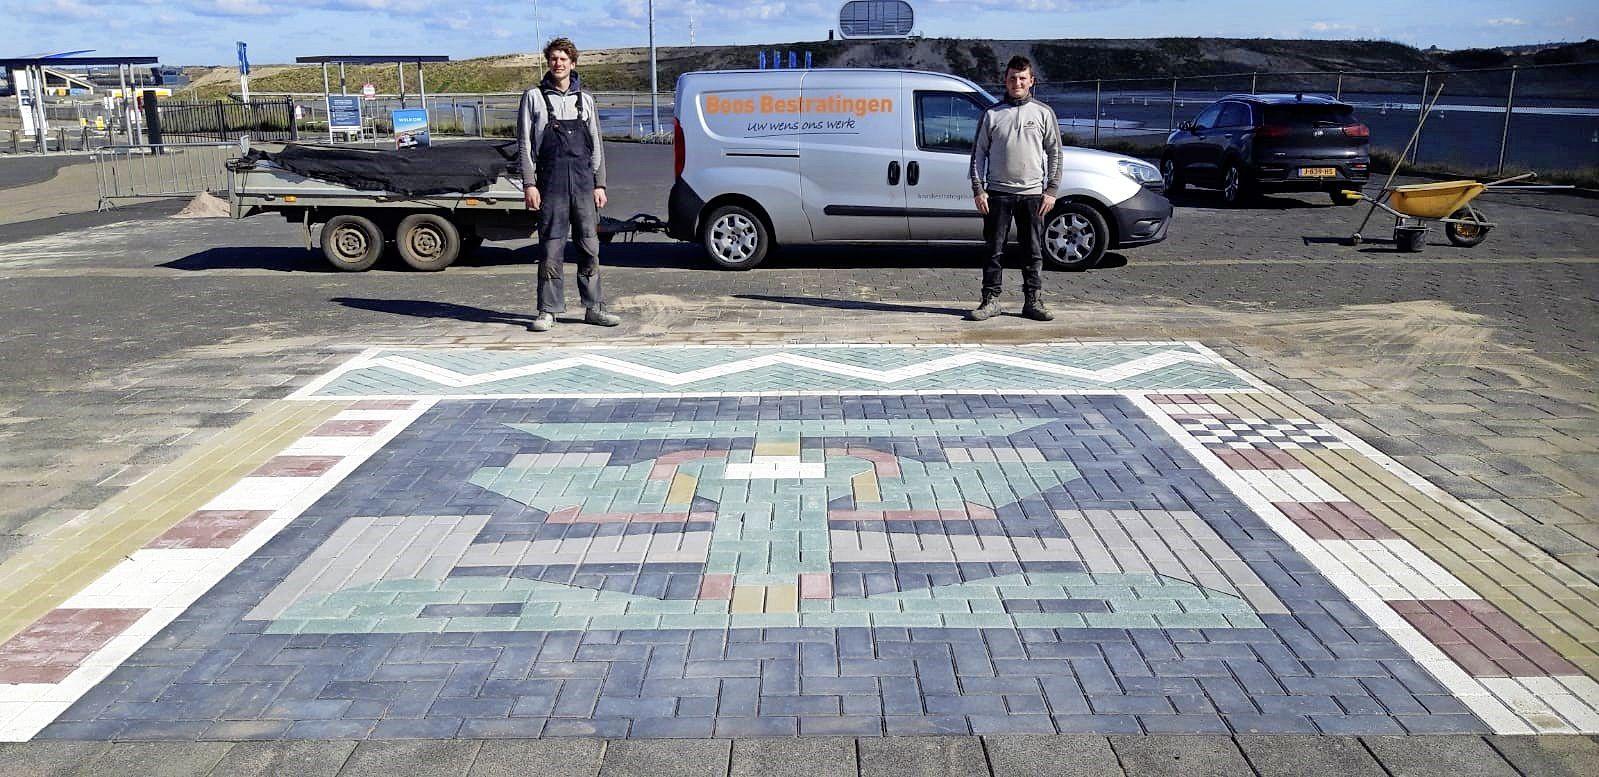 Formule 1-wagen van stratenmakers pronkt voor hoofdingang van het circuitpark in Zandvoort